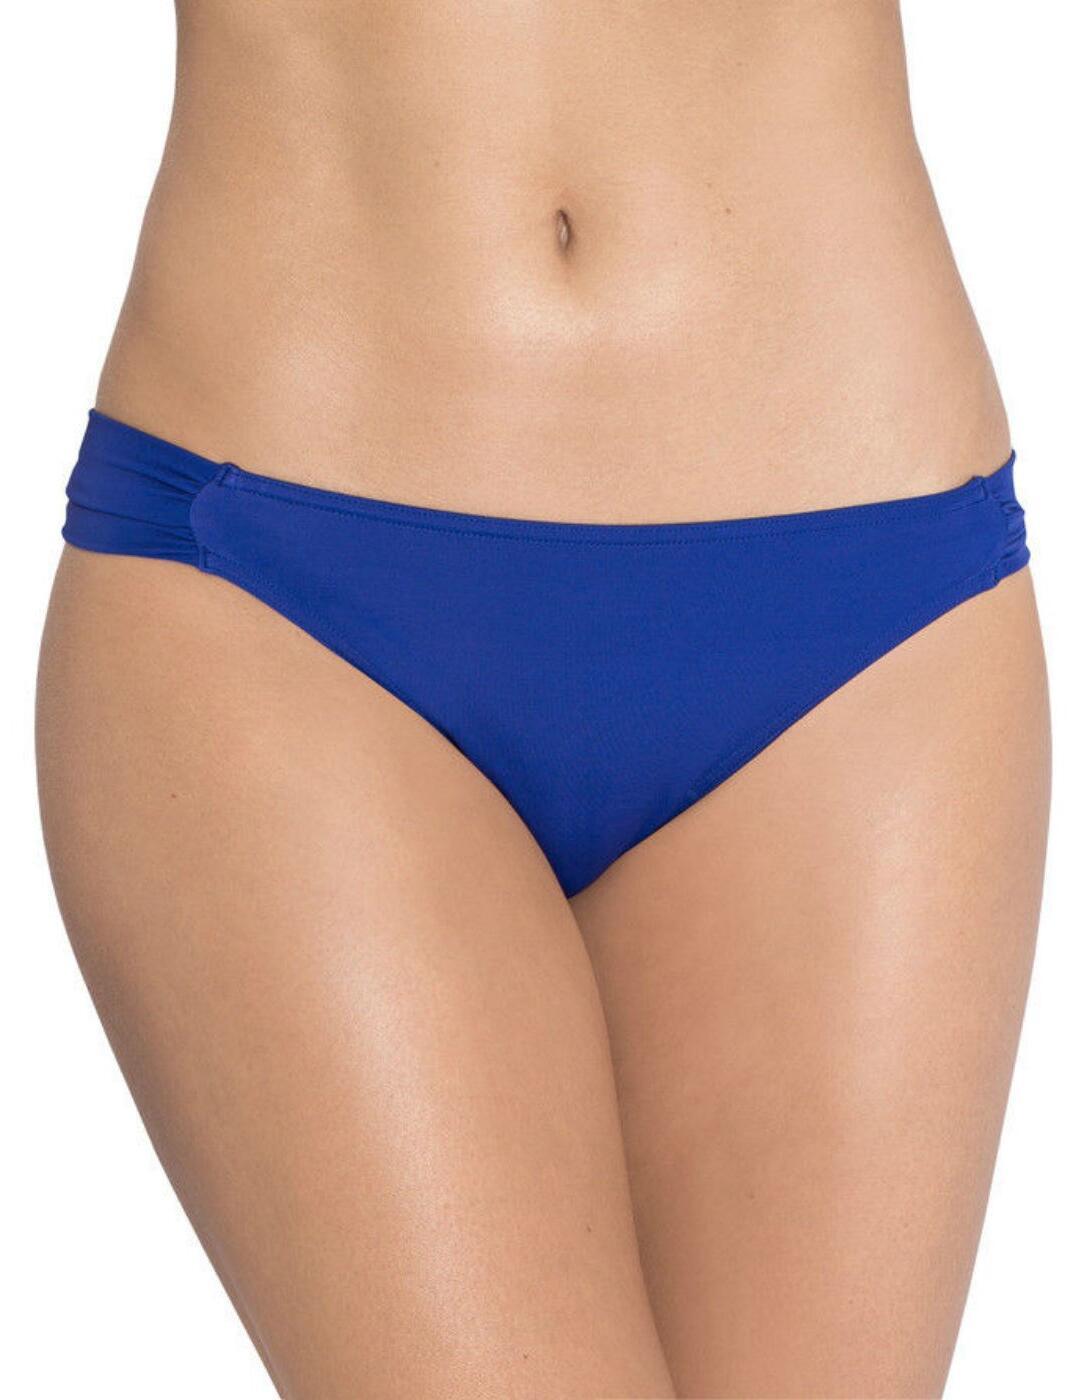 10166386 Sloggi Swim Aqua Essentials Bikini Brief Blue - 10166386 Bikini Brief